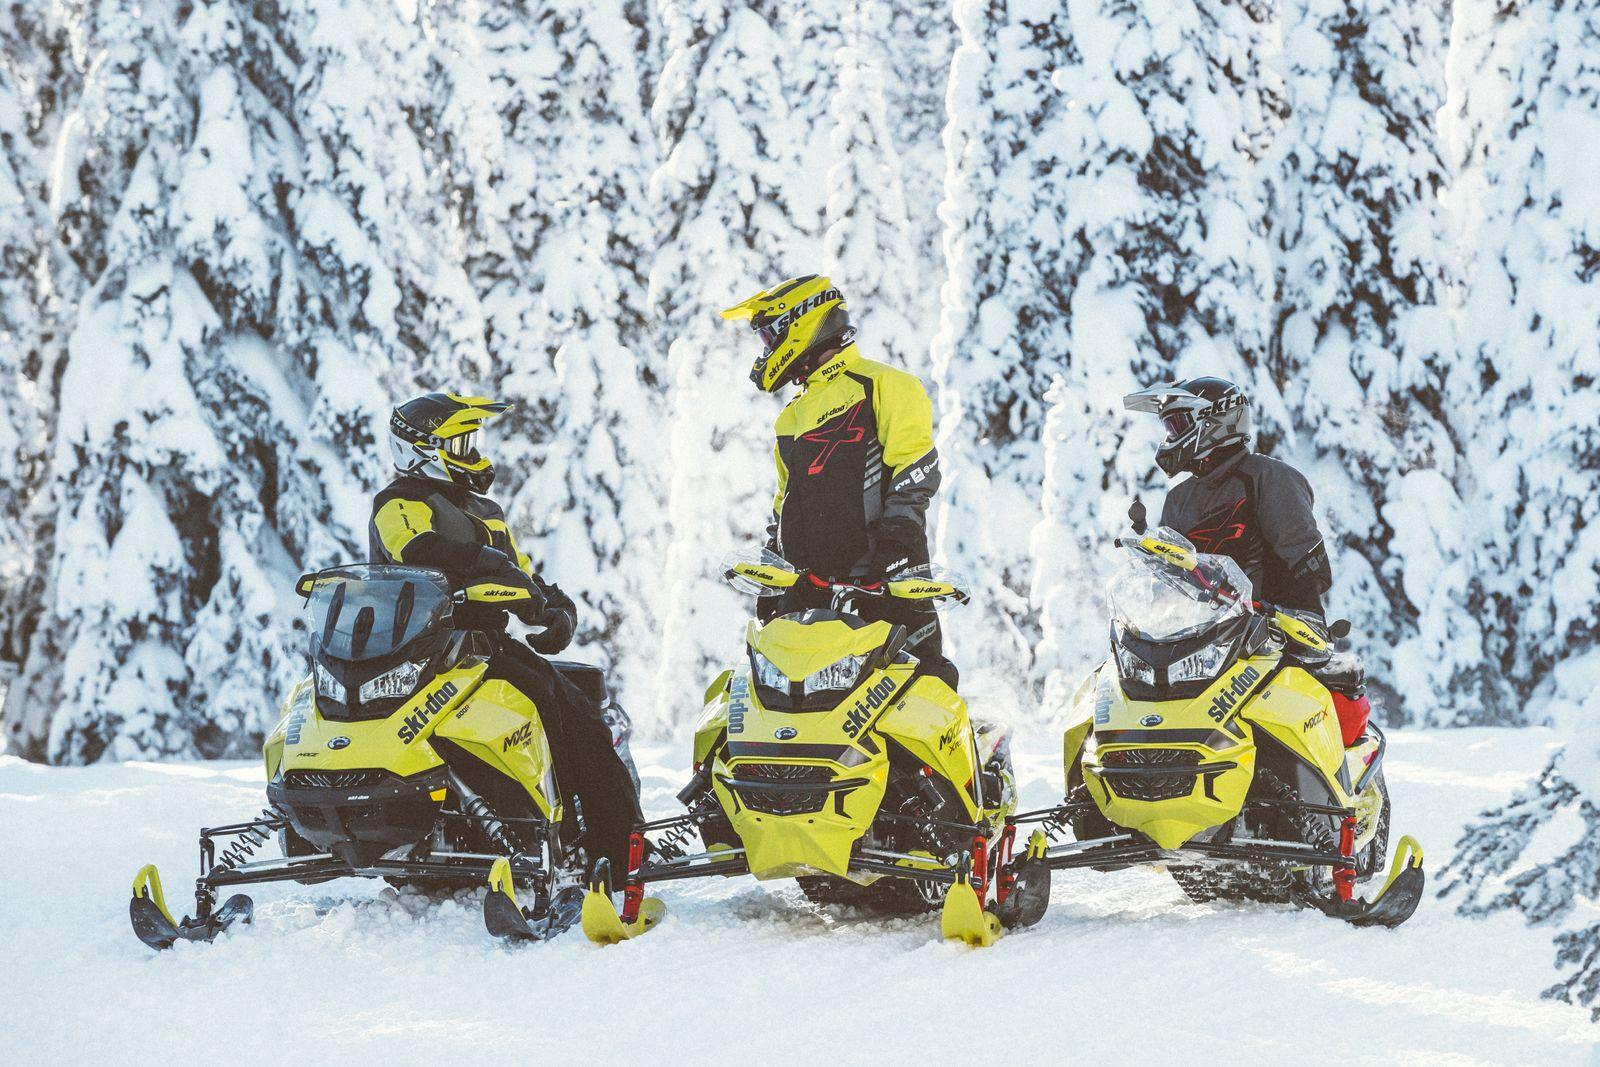 2020 ski doo_MXZ_Group_Lifestyle_MY20_JW_11713_R3_RGB-1600x1600.jpg